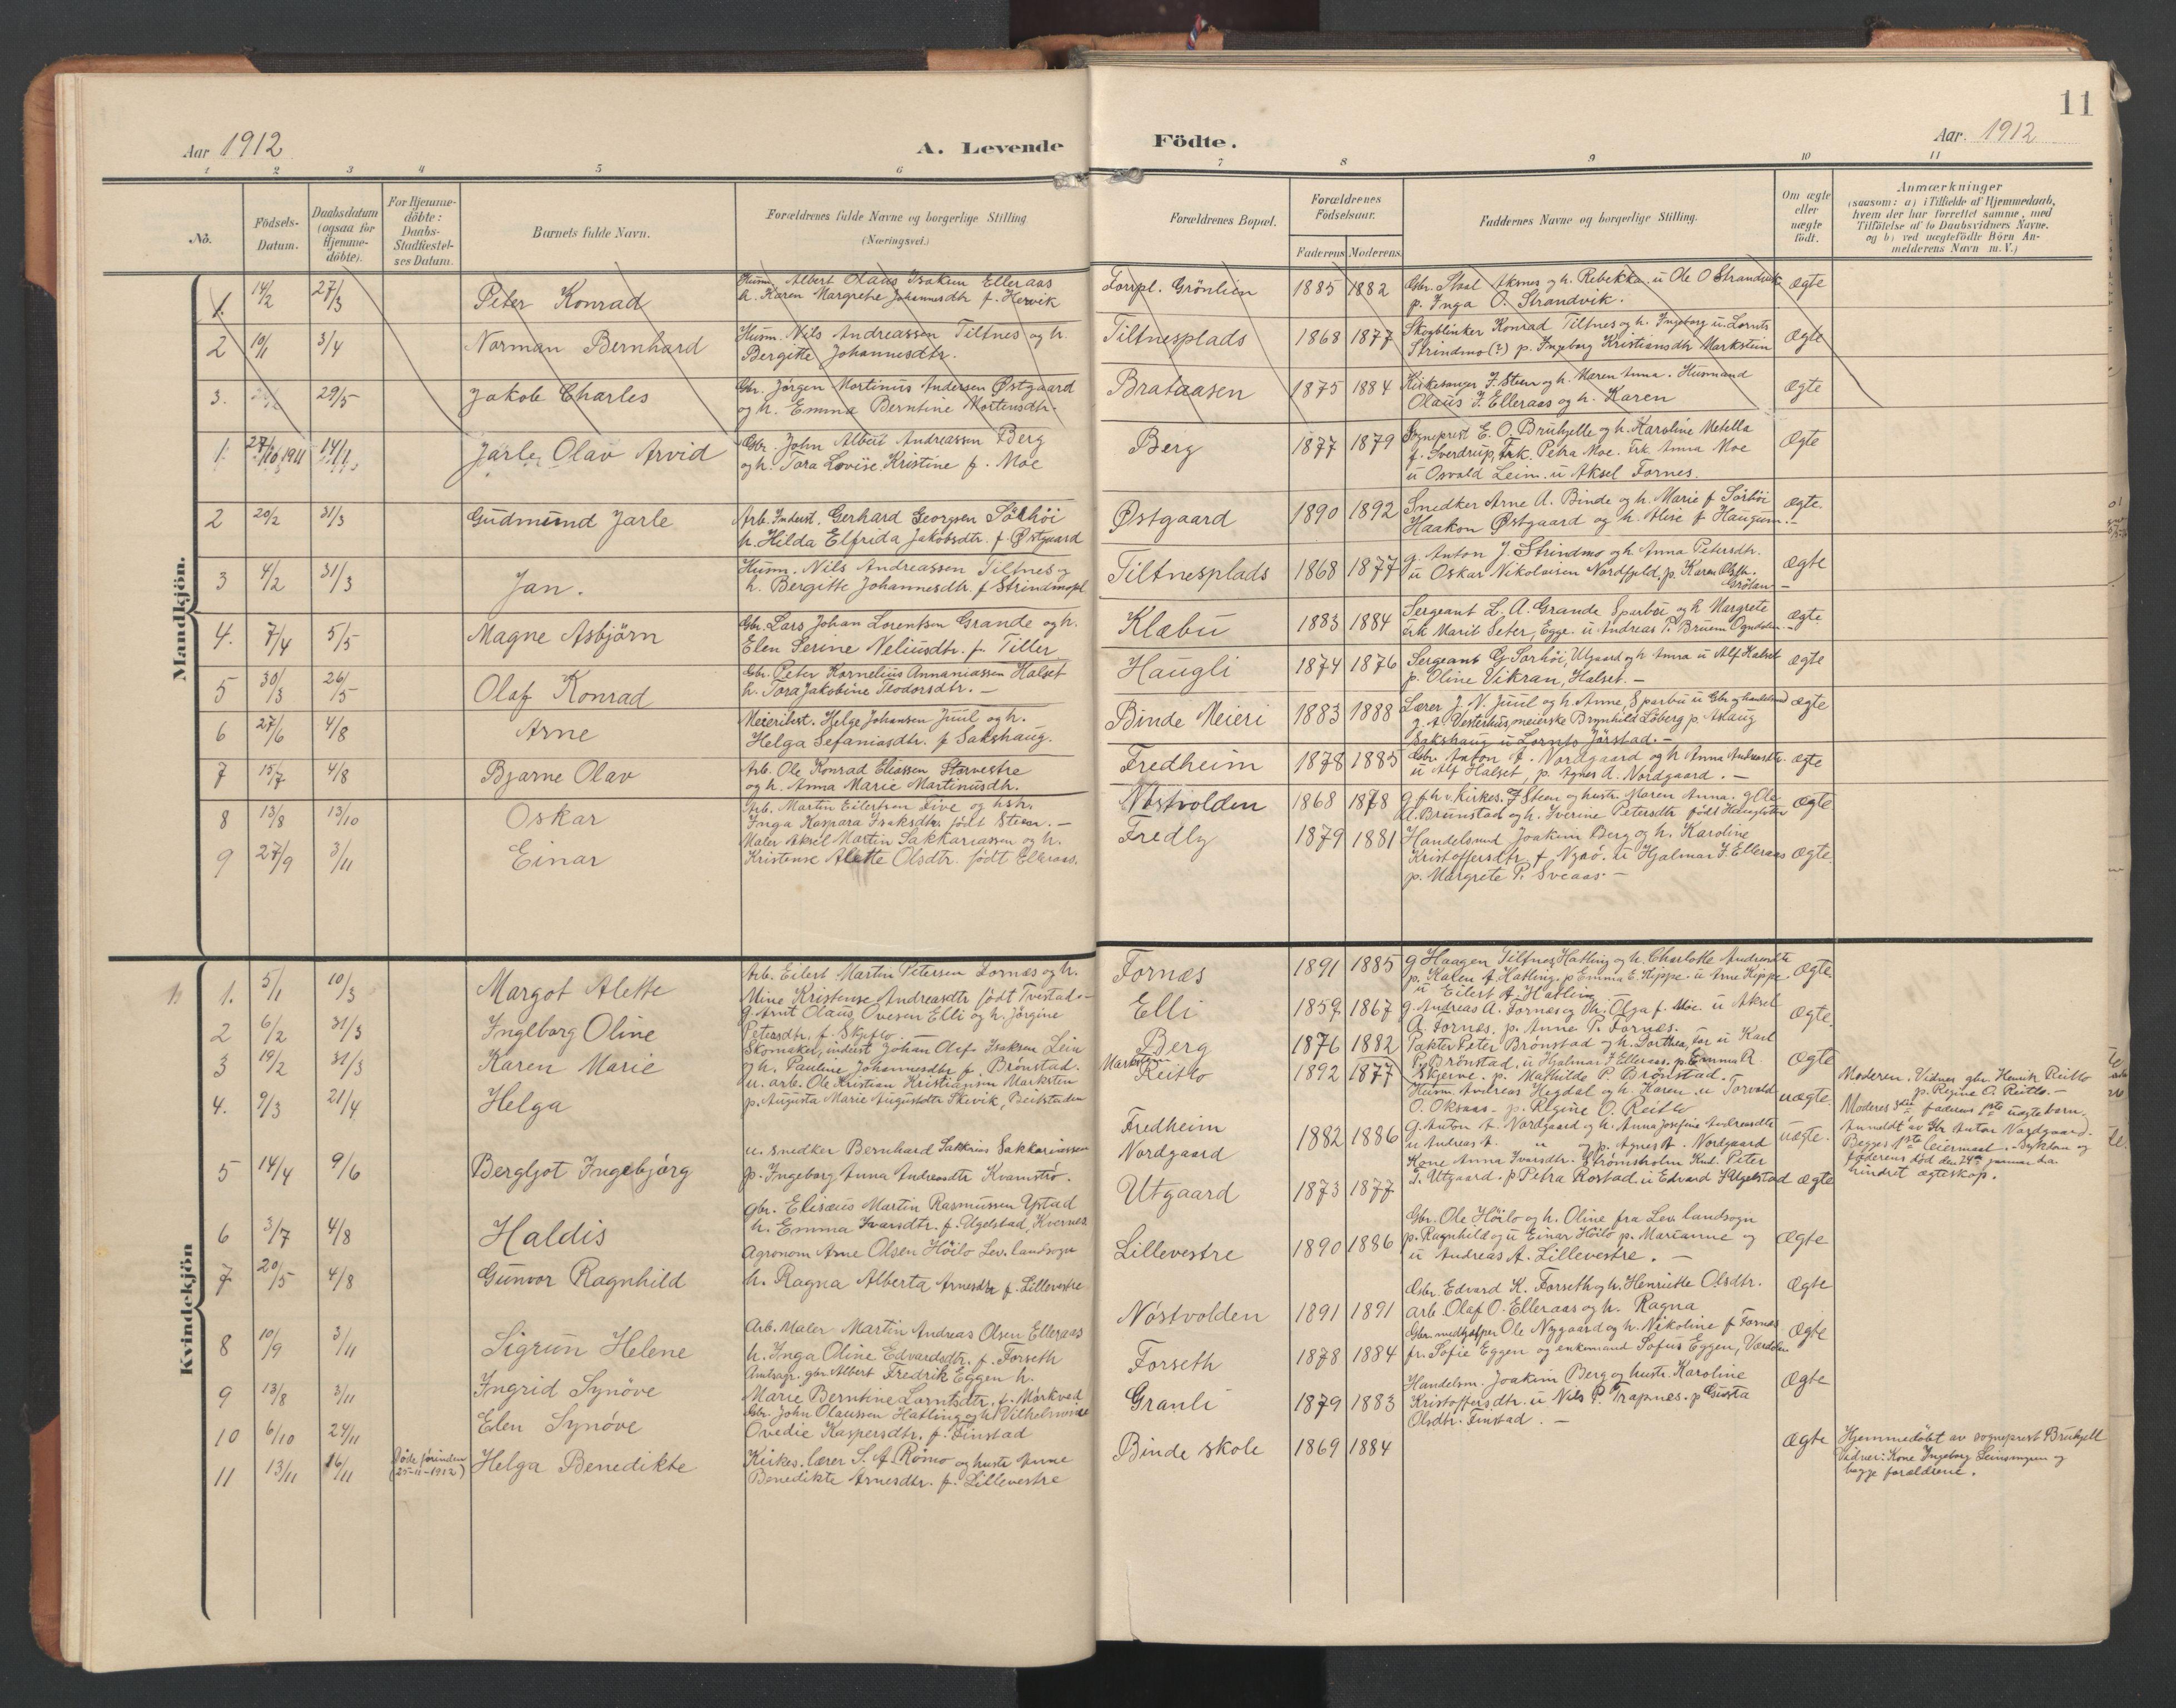 SAT, Ministerialprotokoller, klokkerbøker og fødselsregistre - Nord-Trøndelag, 746/L0455: Klokkerbok nr. 746C01, 1908-1933, s. 11